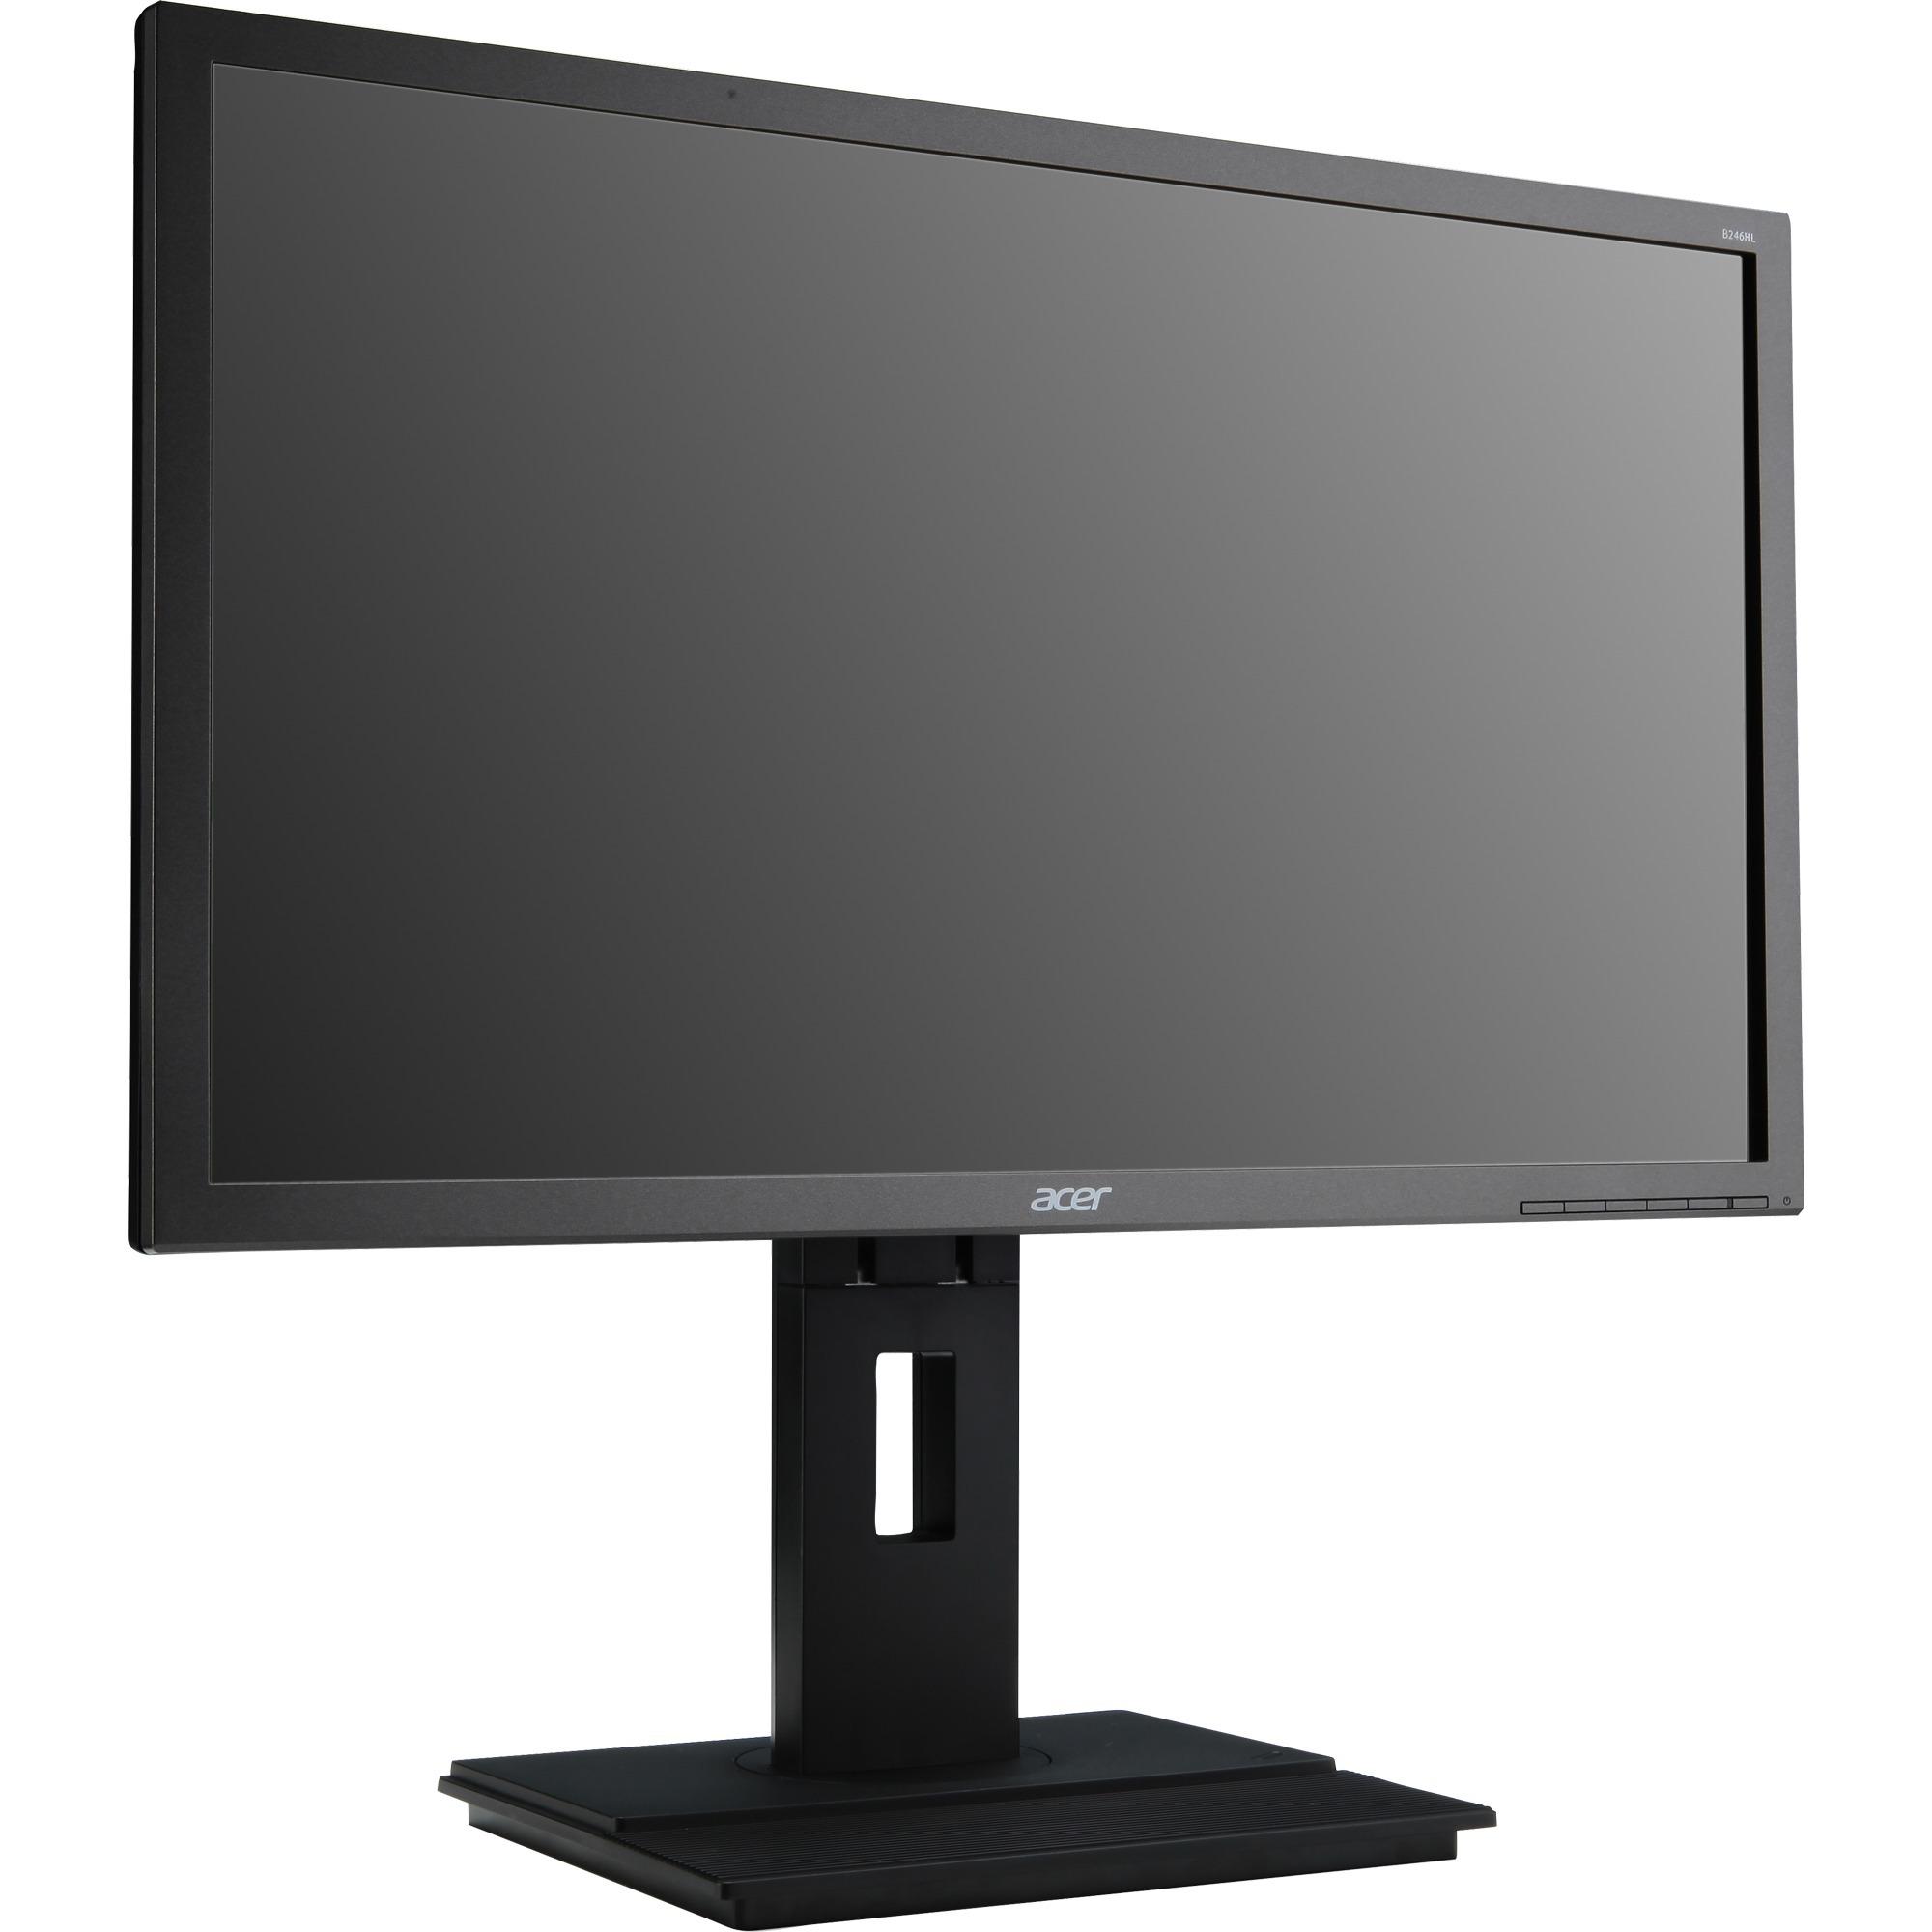 """B6 B246HLymdpr 24"""" Full HD Gris pantalla para PC, Monitor LED"""